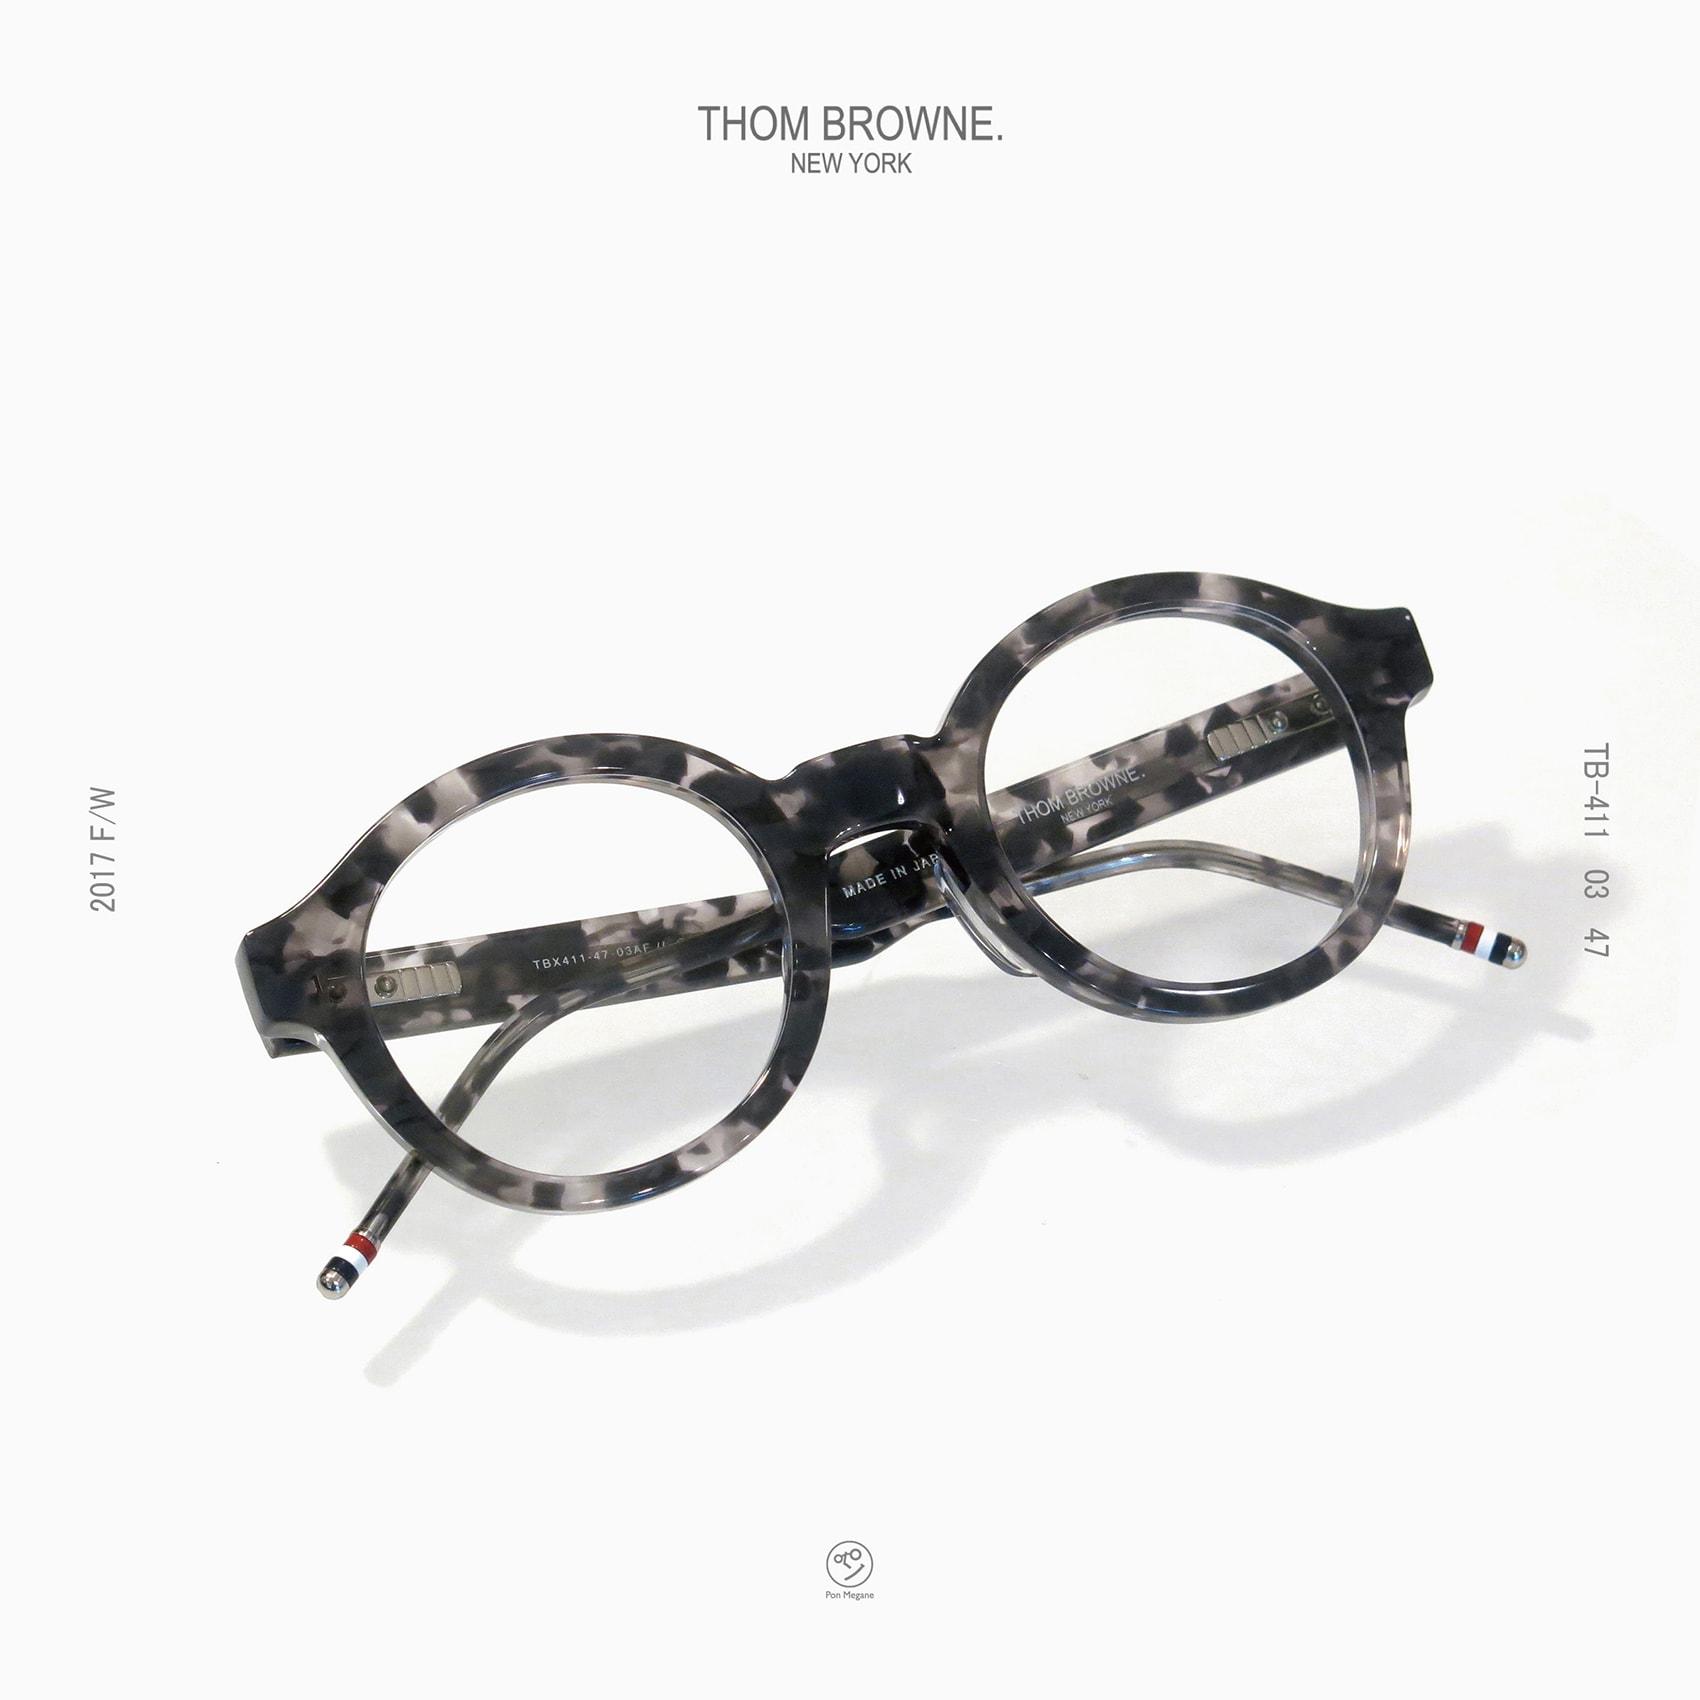 insta_thom-browne_2017fw_tb411-03